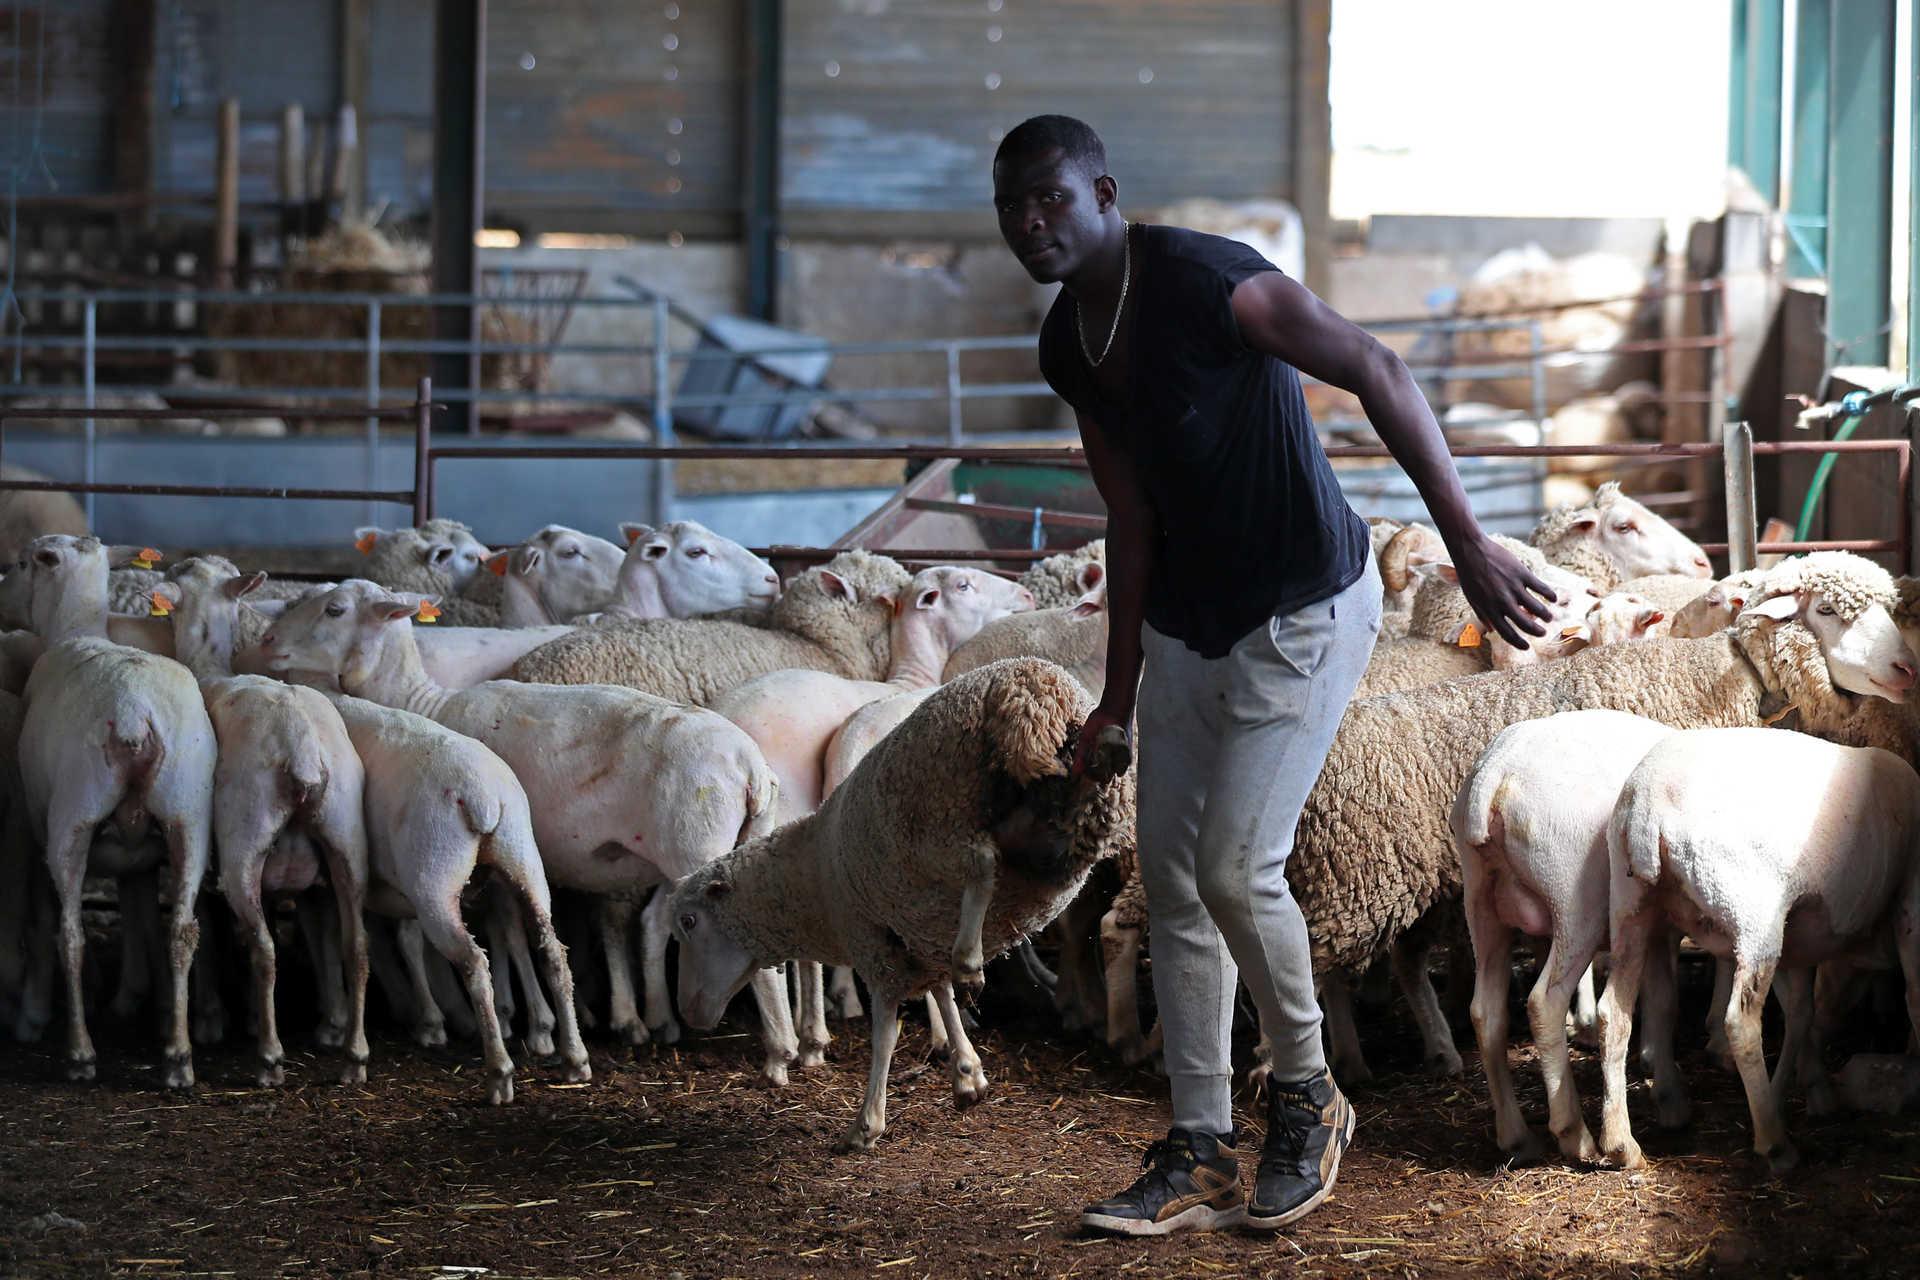 Jogadores estrangeiros trocam os campos de futebol pela tosquia de ovelhas no Alentejo